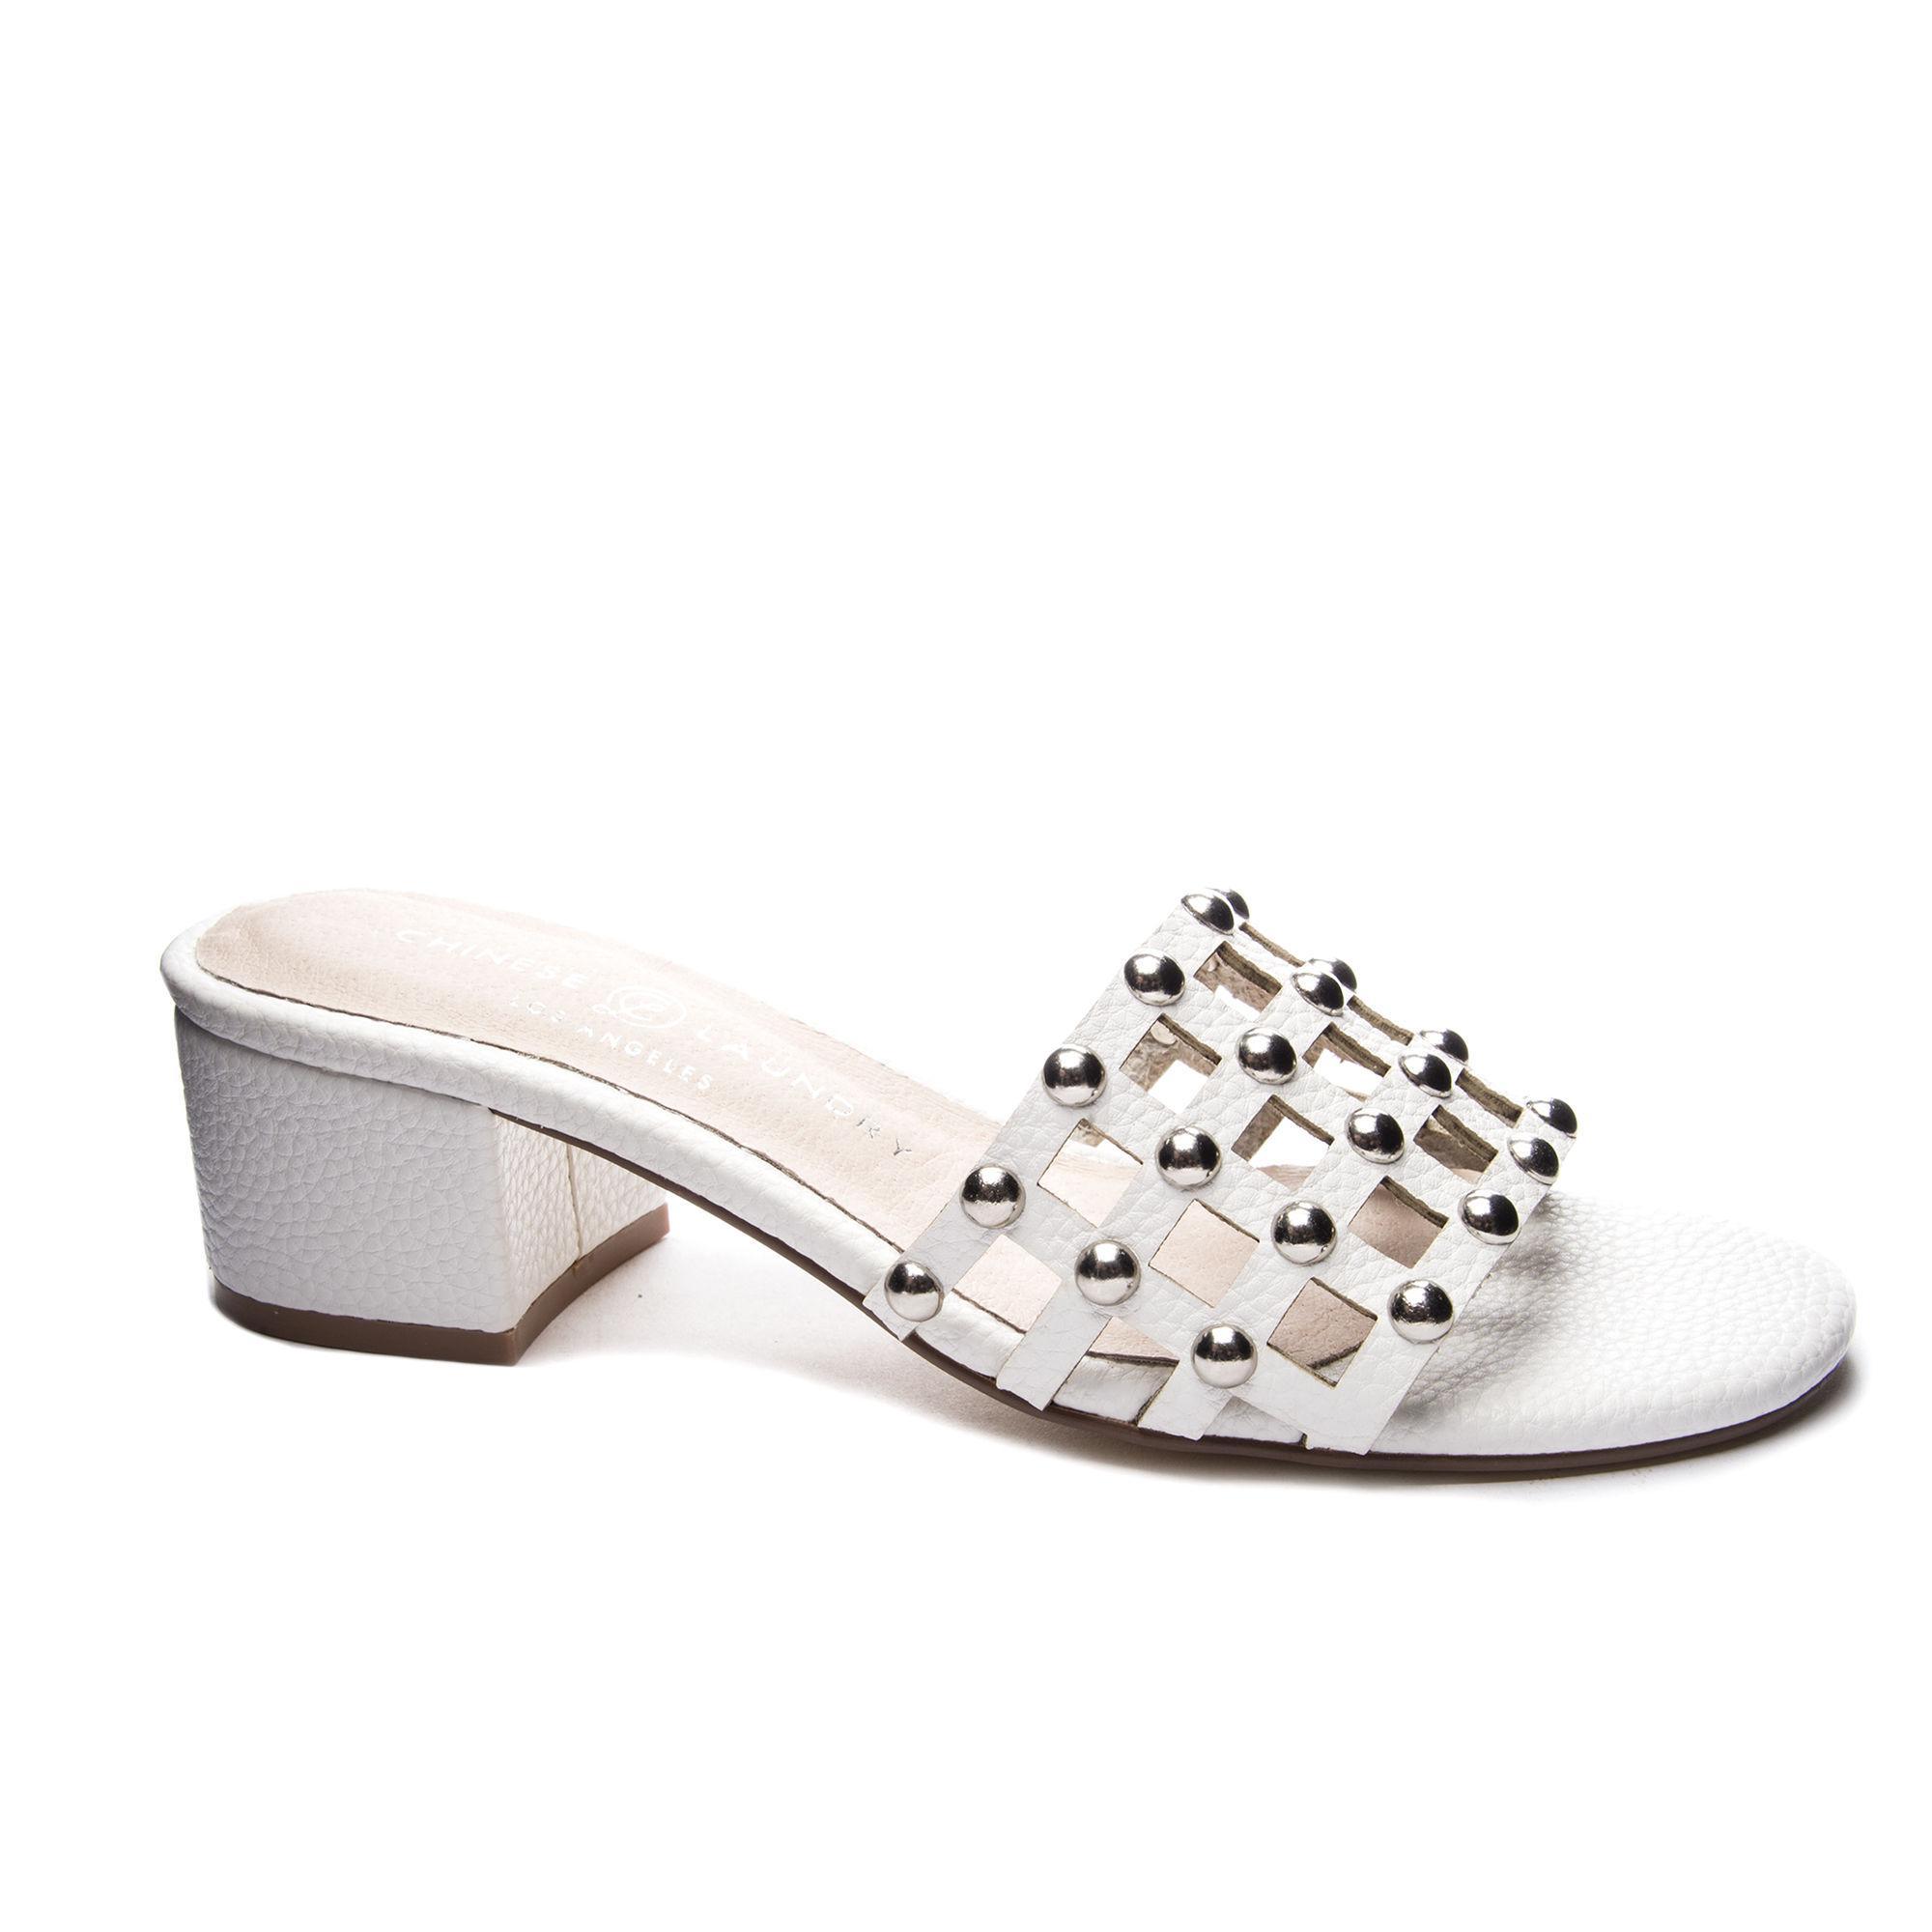 Chinese Laundry Women's Megs Slide Sandal ZP61Oi4Tvf